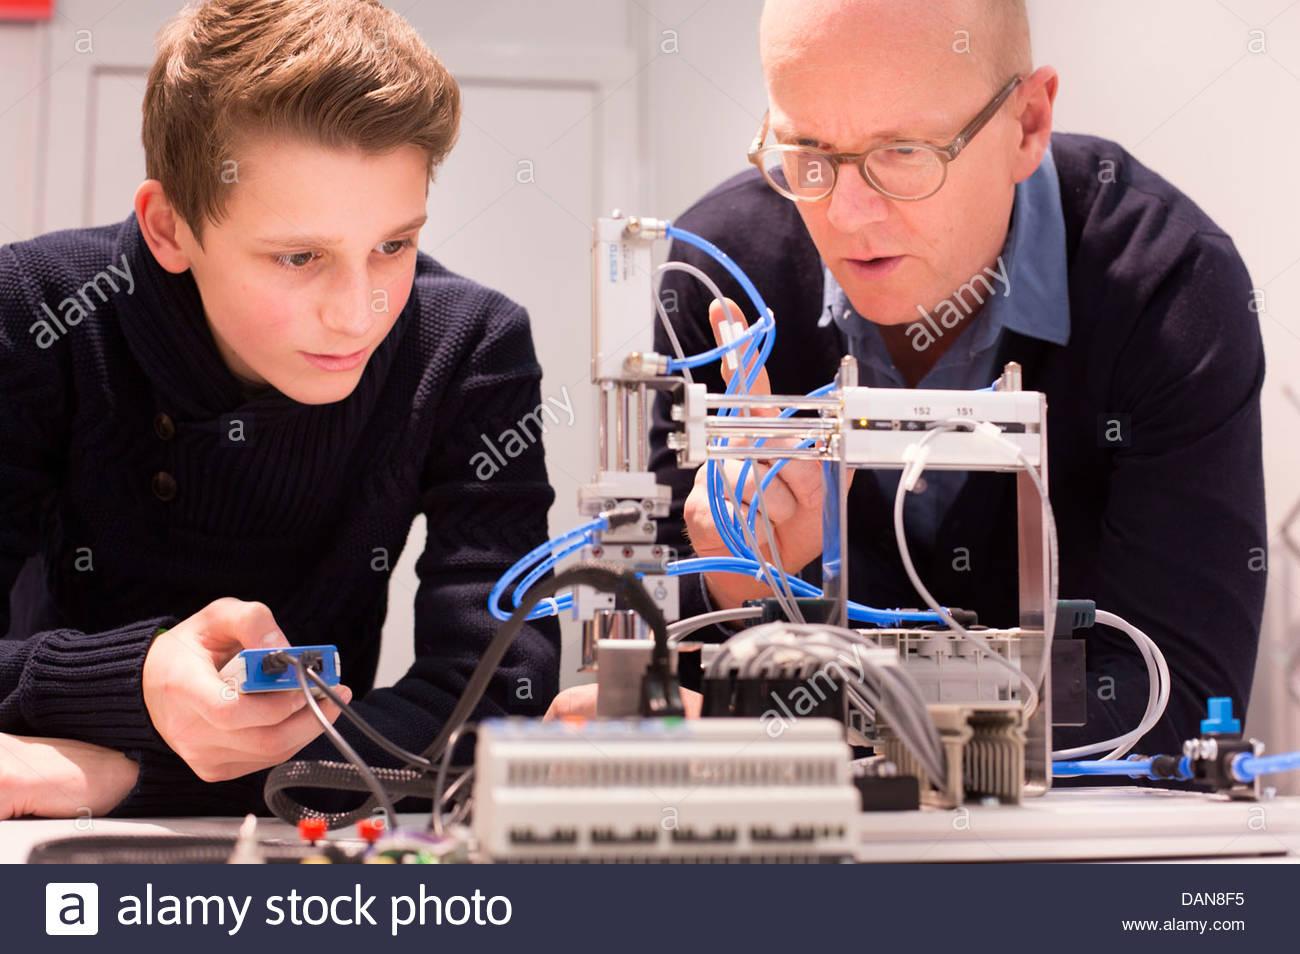 Un estudiante con un profesor, con el modelo de control de flujo neumático Imagen De Stock